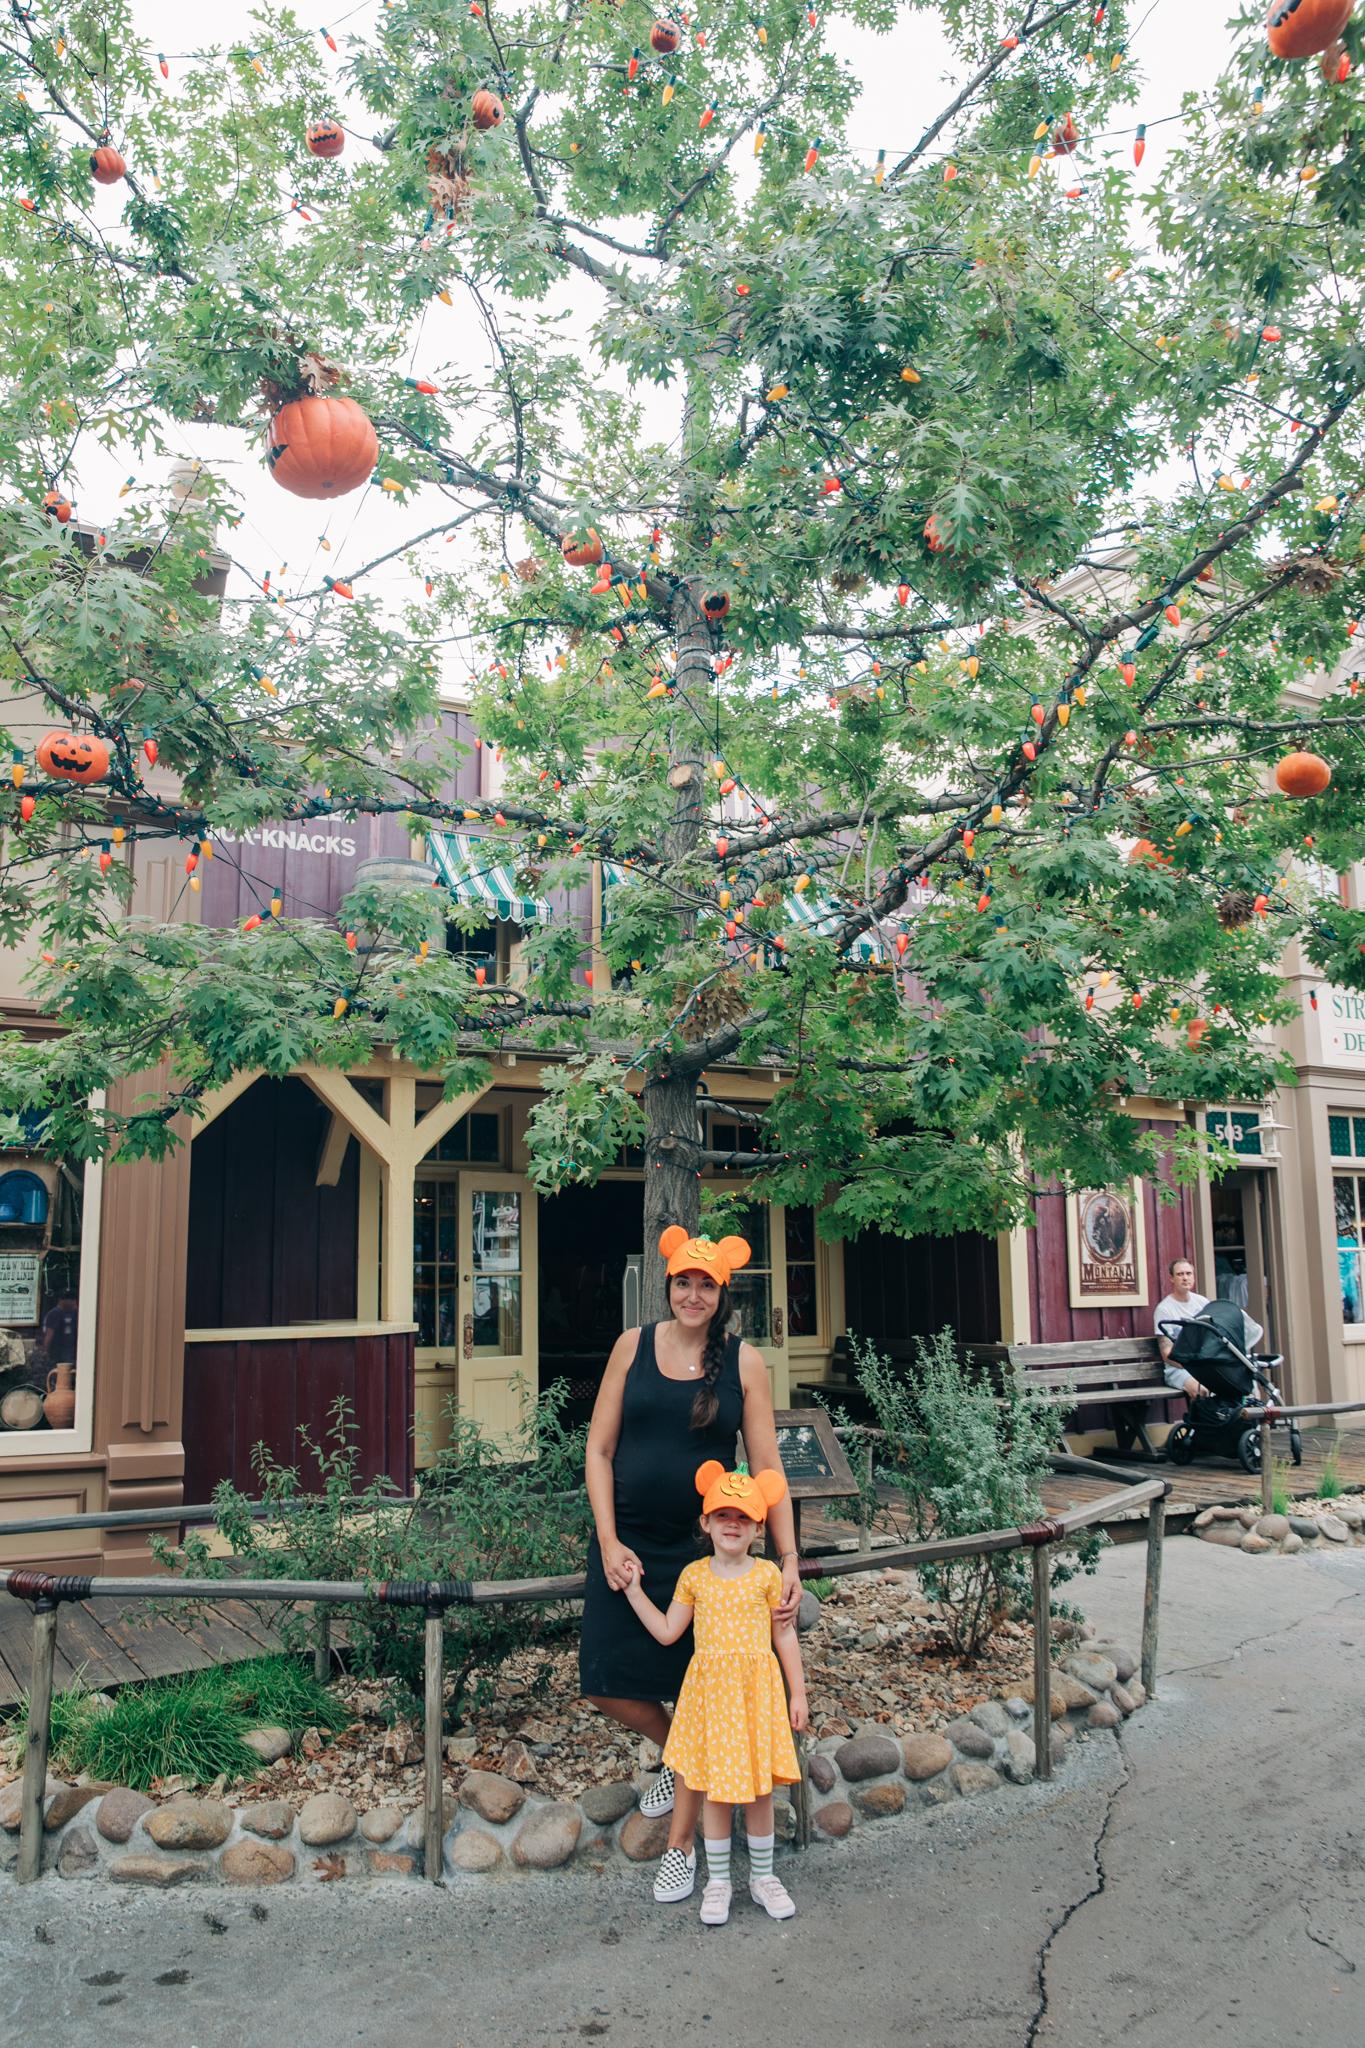 BabyBoyBakery_Disneyland_LilyRo-64.jpg